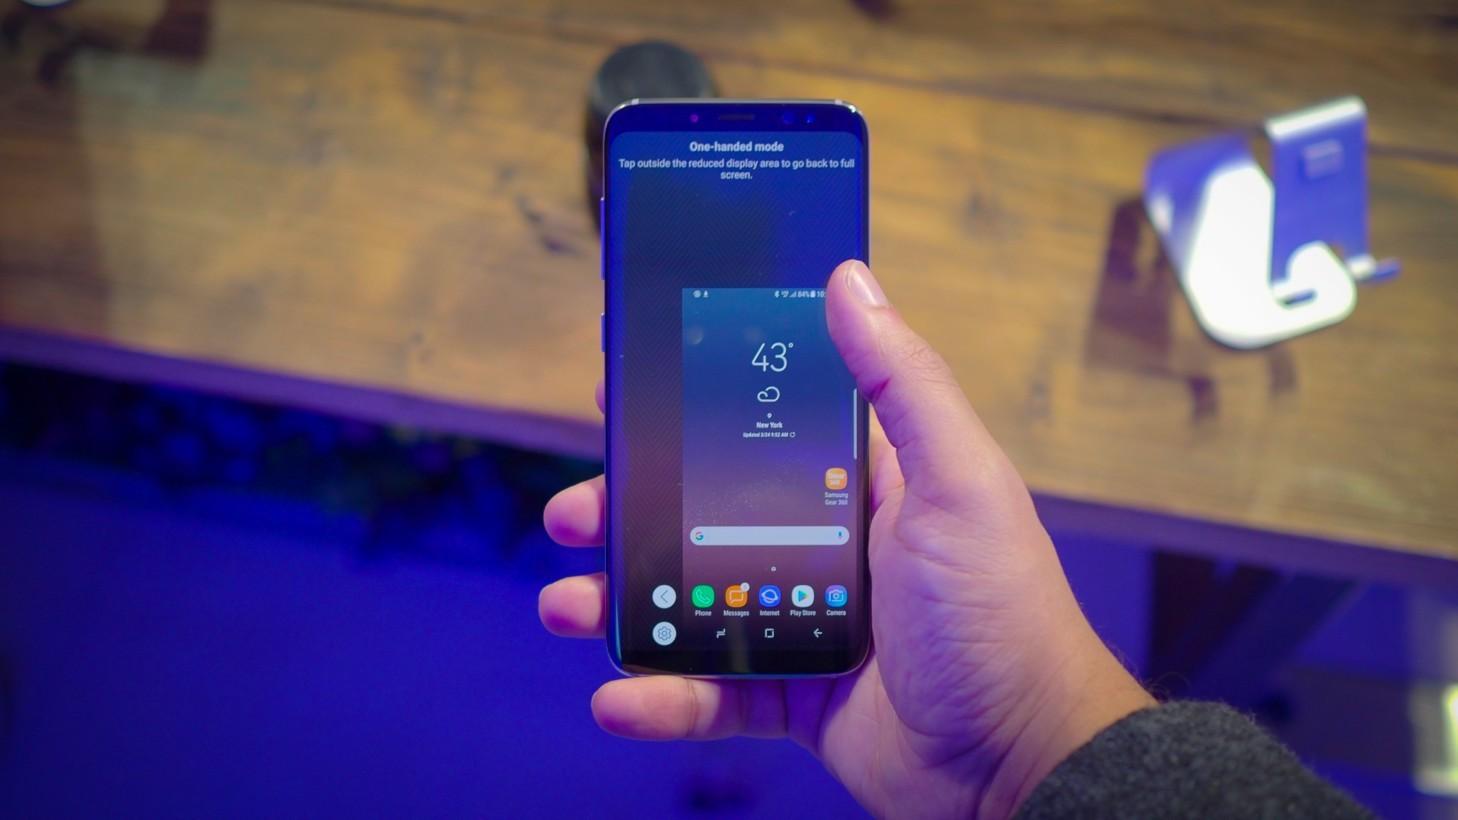 Samsung Galaxy S8, come utilizzarlo semplicemente con una mano